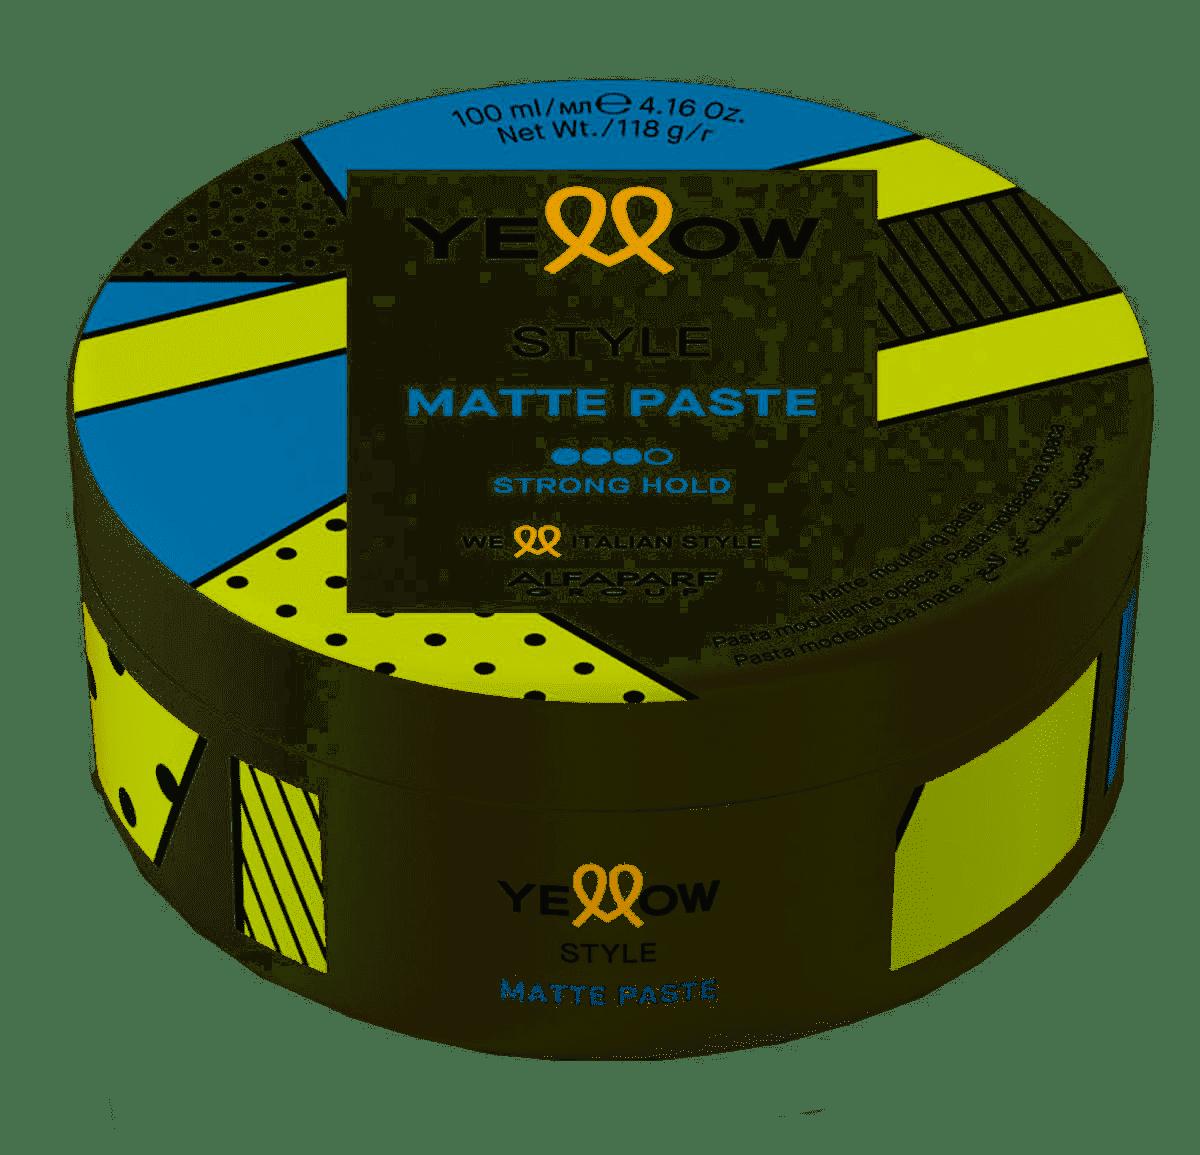 Yellow Style Matte Paste Efeito Opaco 100 ml